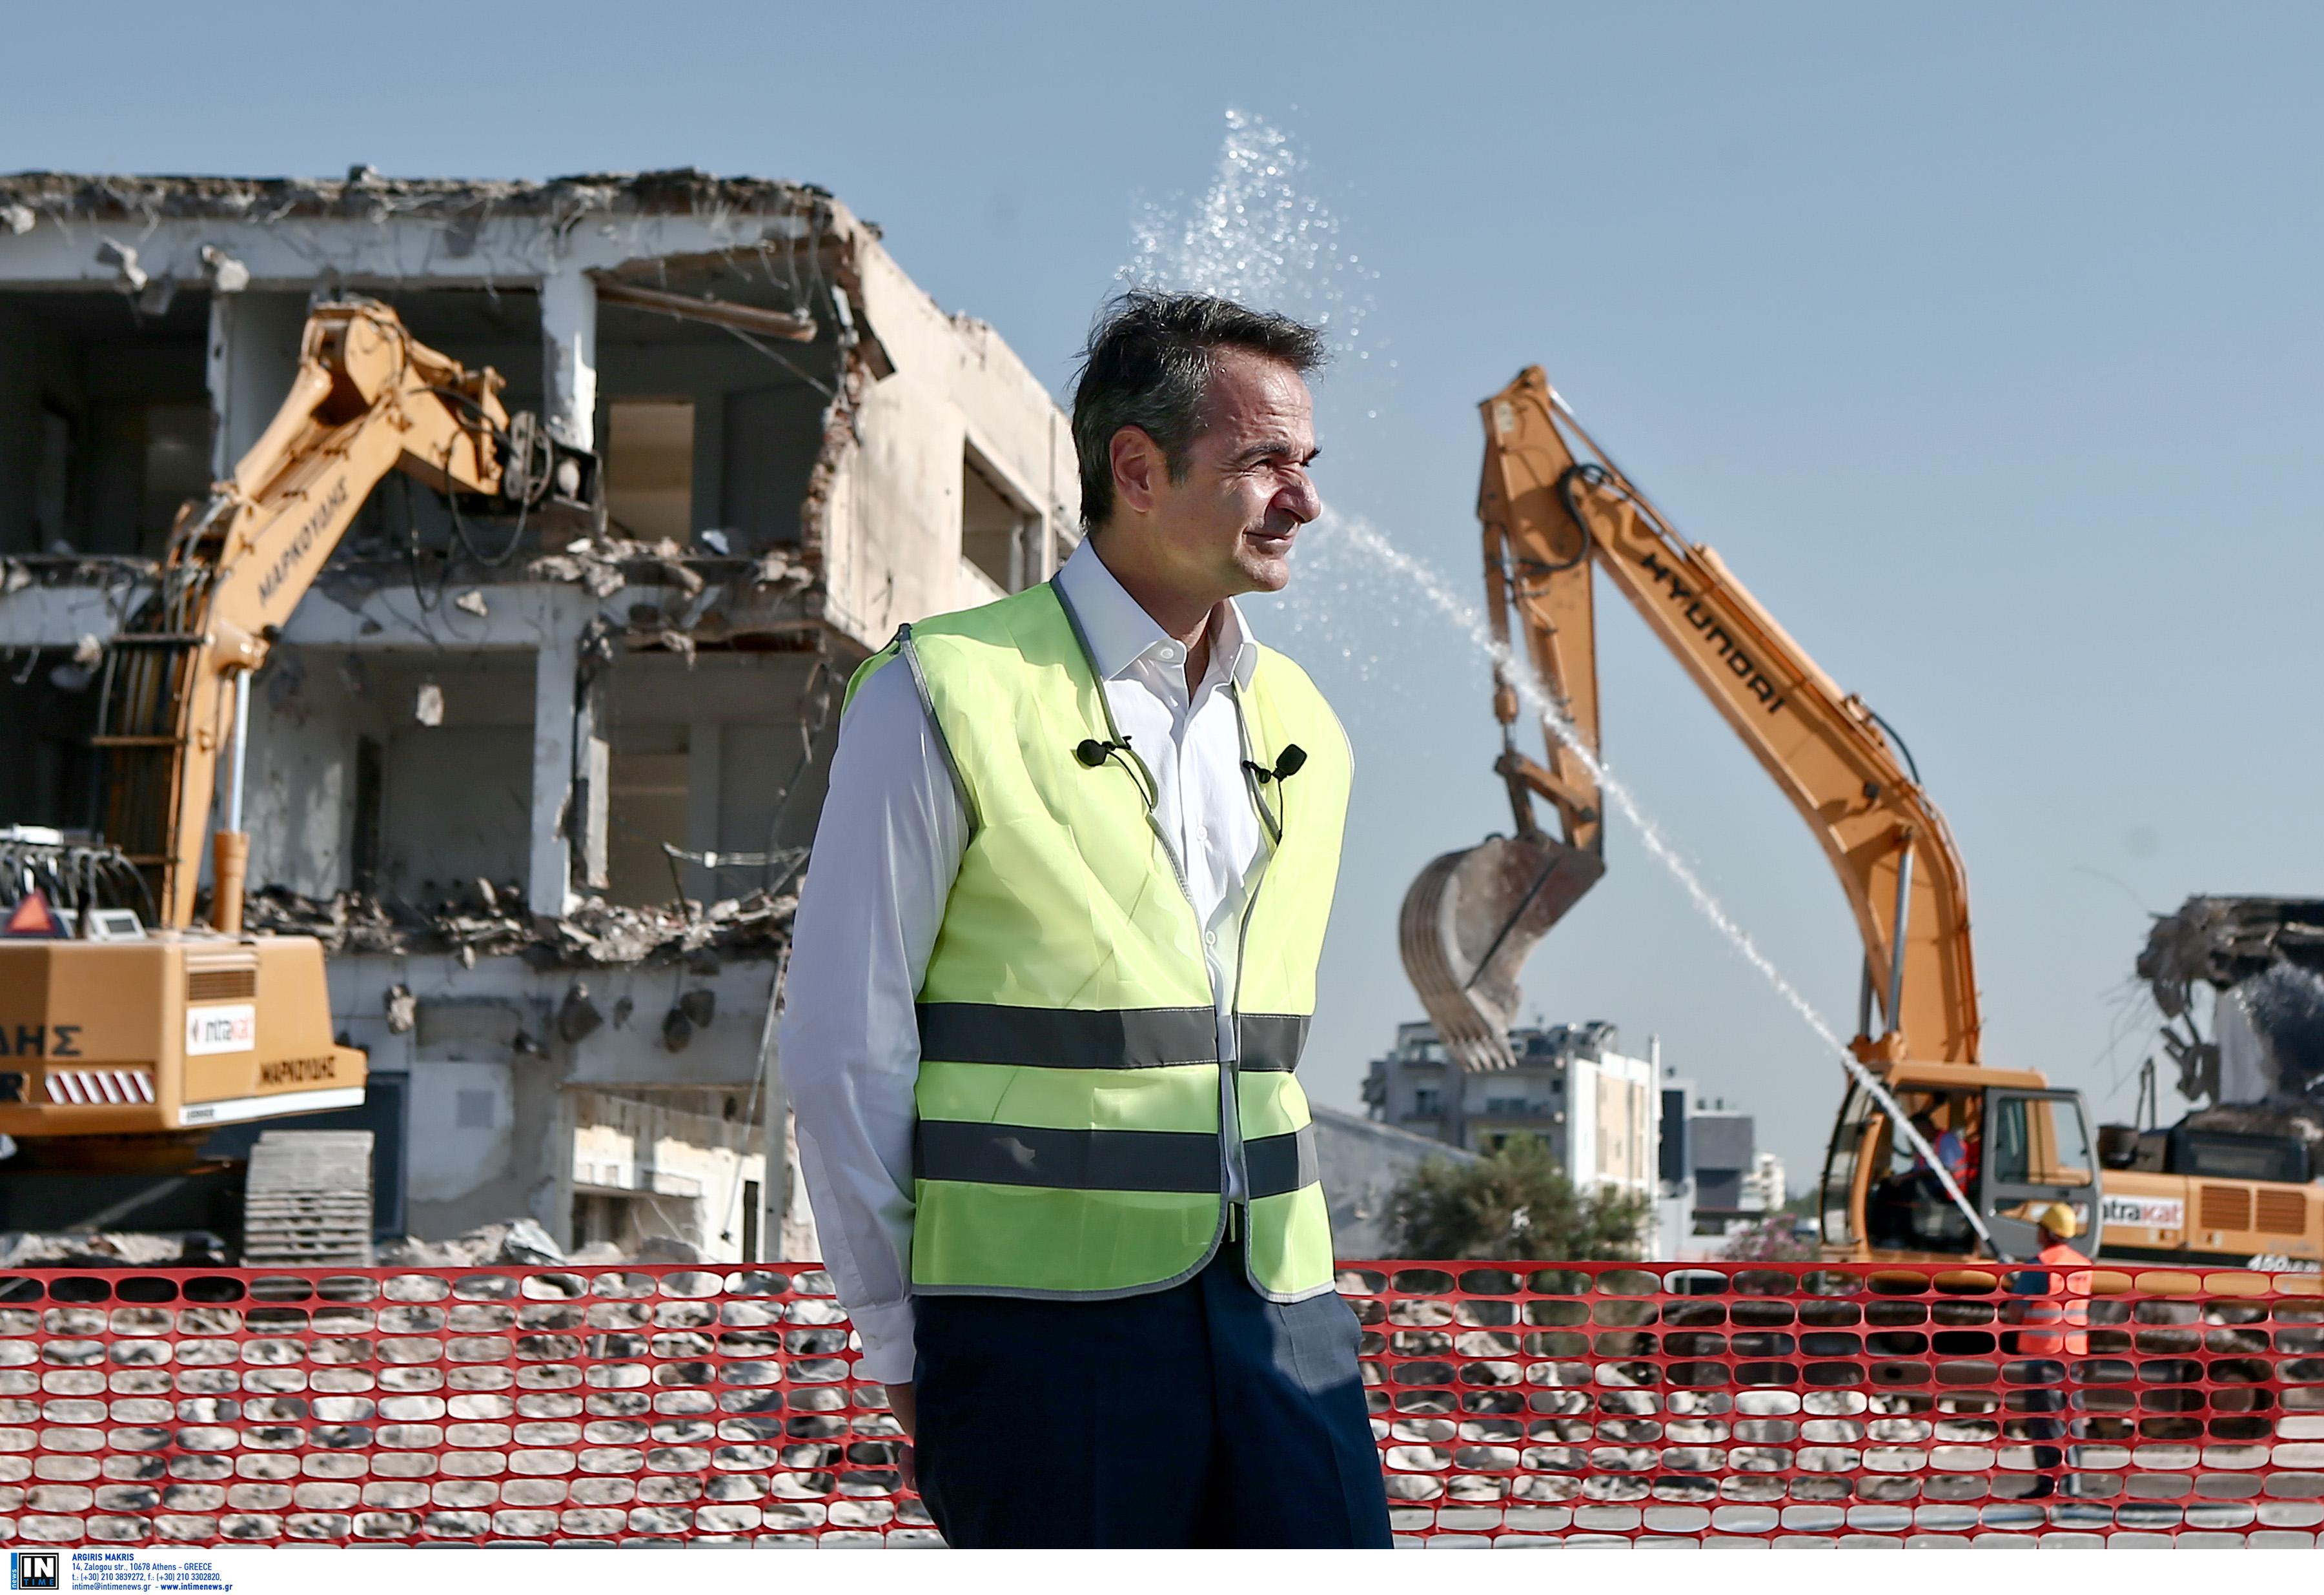 ΤΟΝ ΚΑΤΕΣΤΡΕΨΑΝ. Έβαλαν τον πρωθυπουργό να φωτογραφηθεί μπροστά στα ερείπια για τον ένα χρόνο της ΝΔ στην εξουσία.